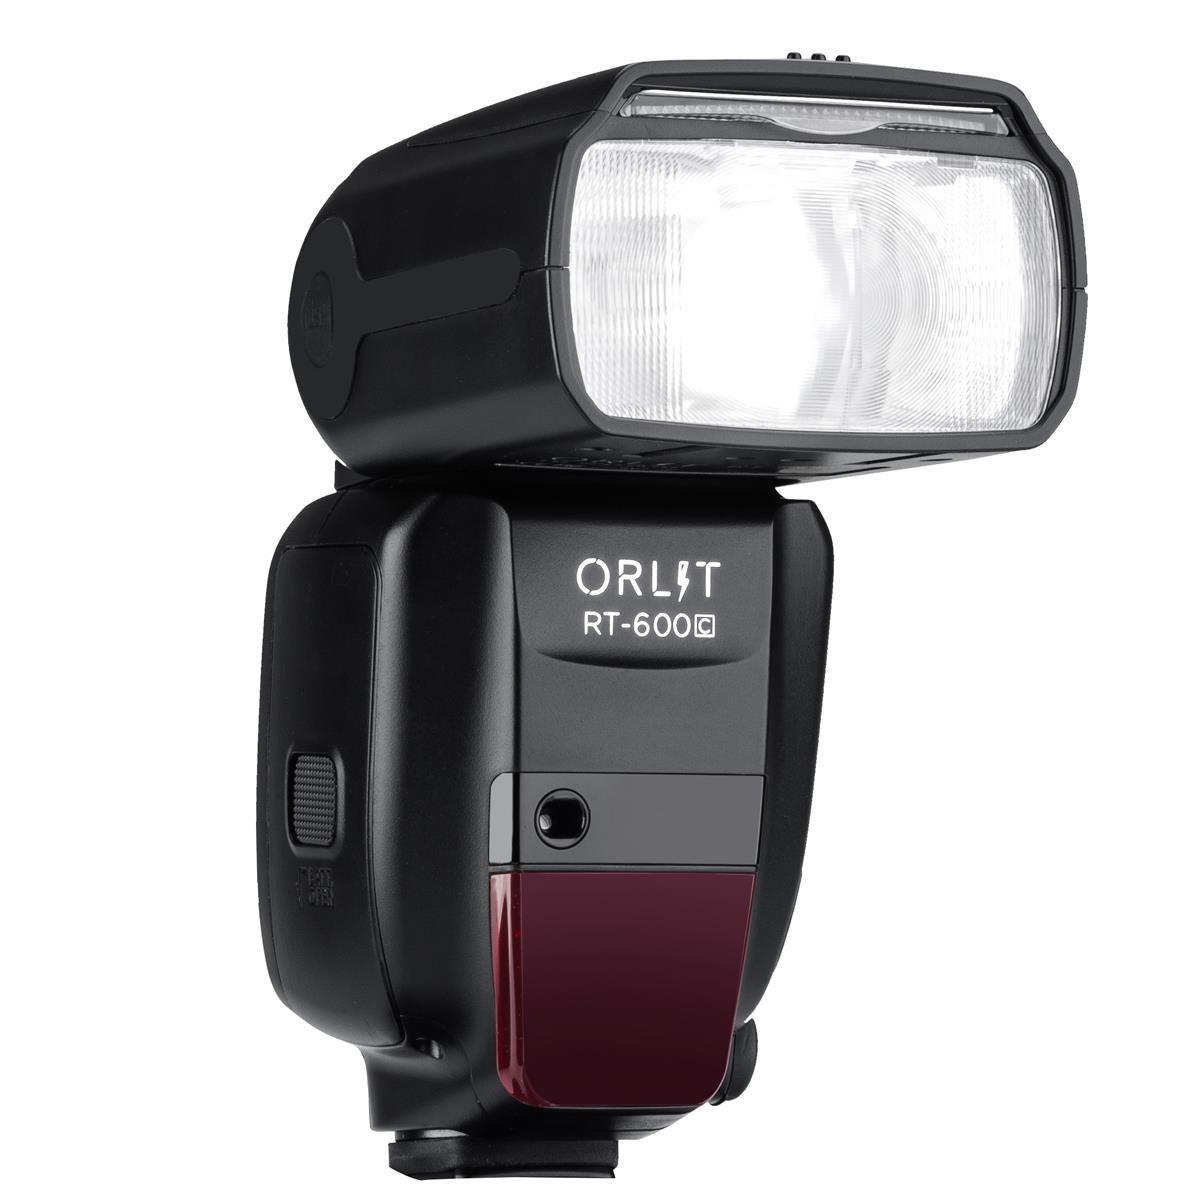 Orlit Rovelight RT 610